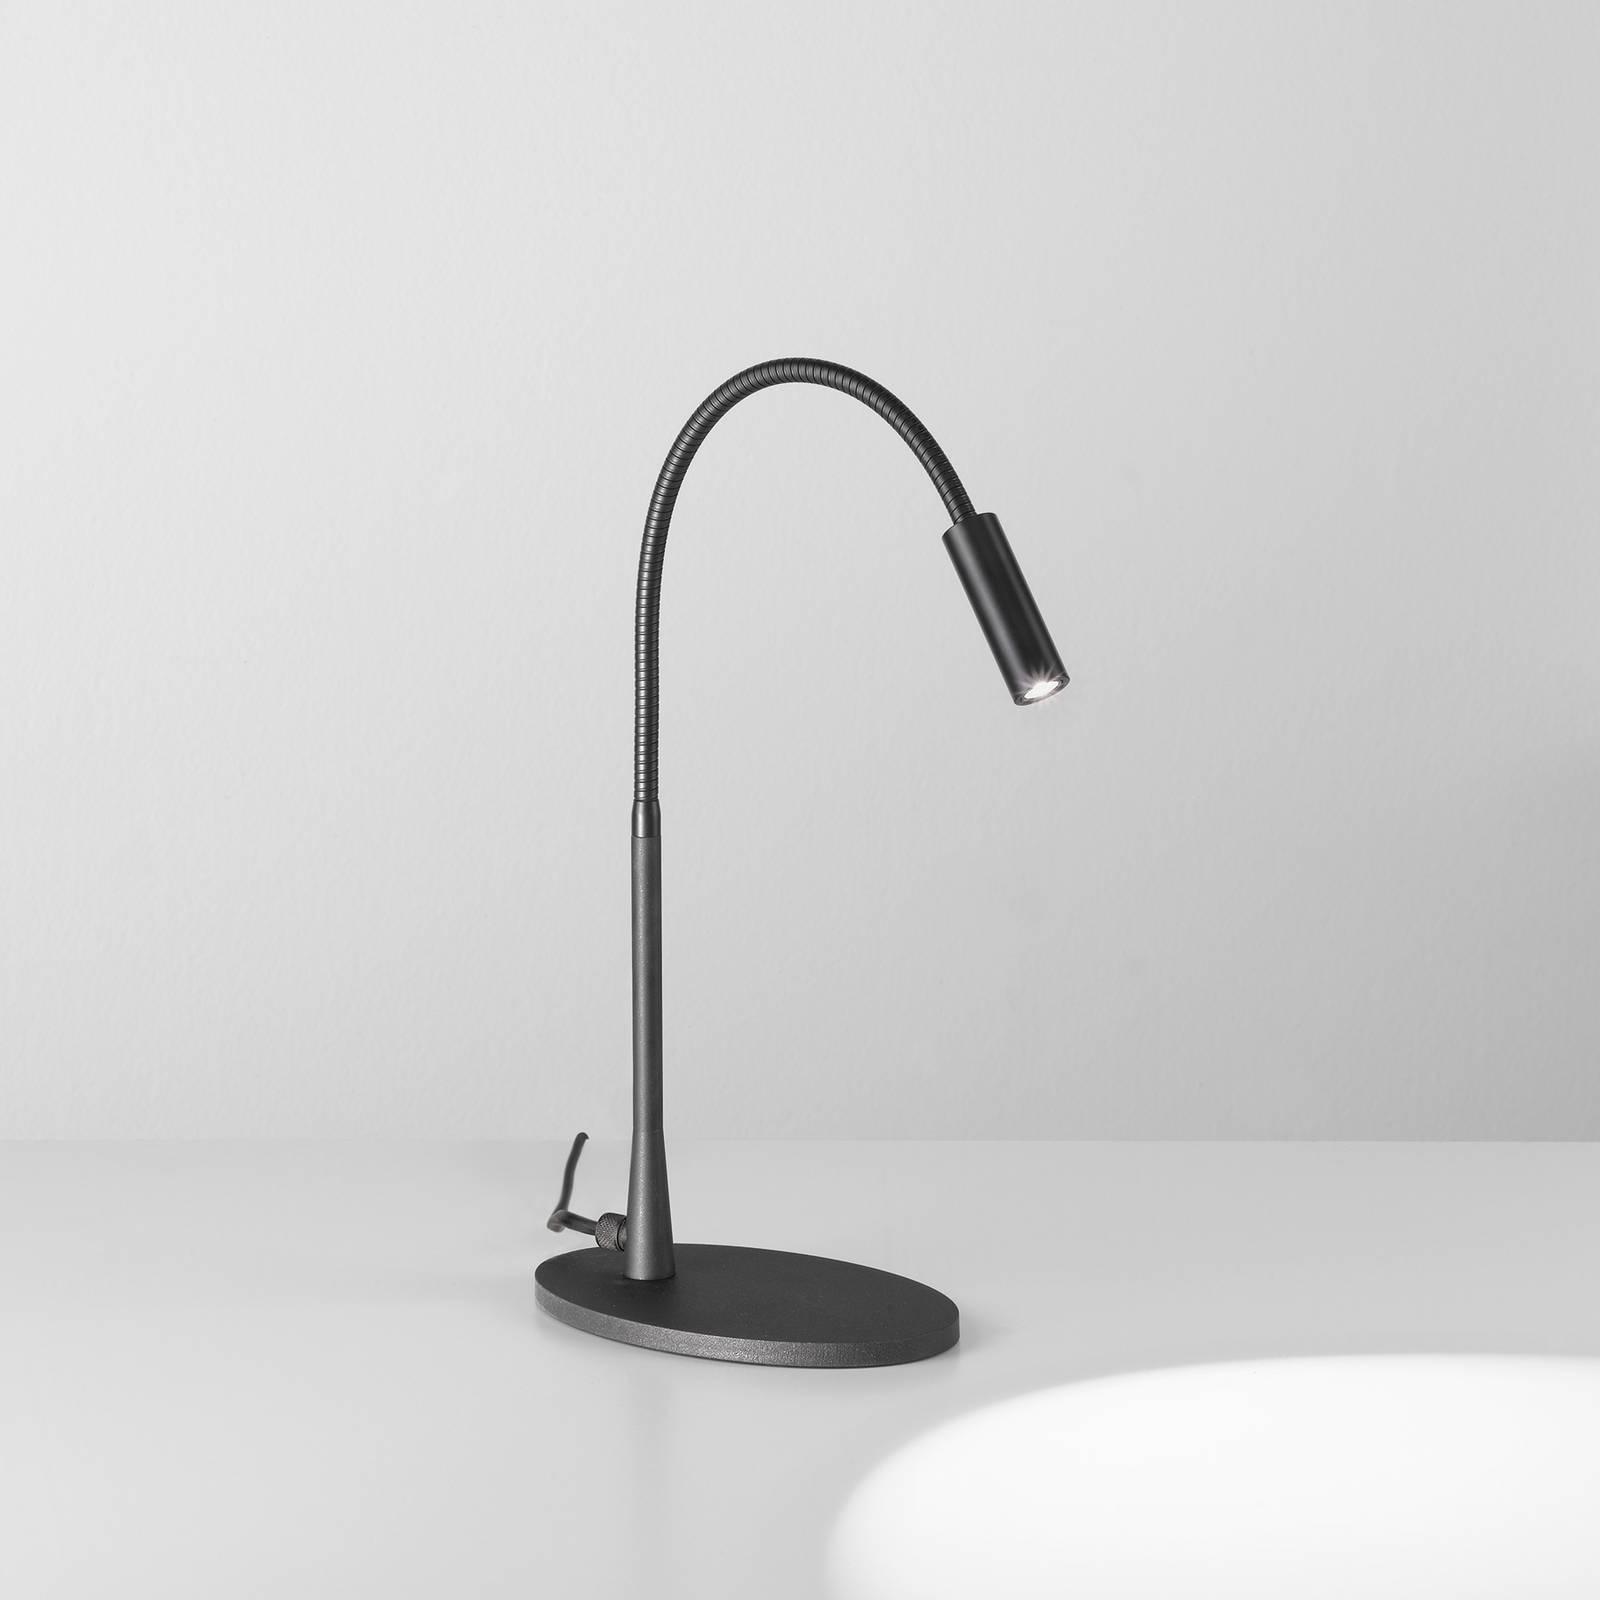 Egger Zooom LED-Tischleuchte mit Flexarm, schwarz